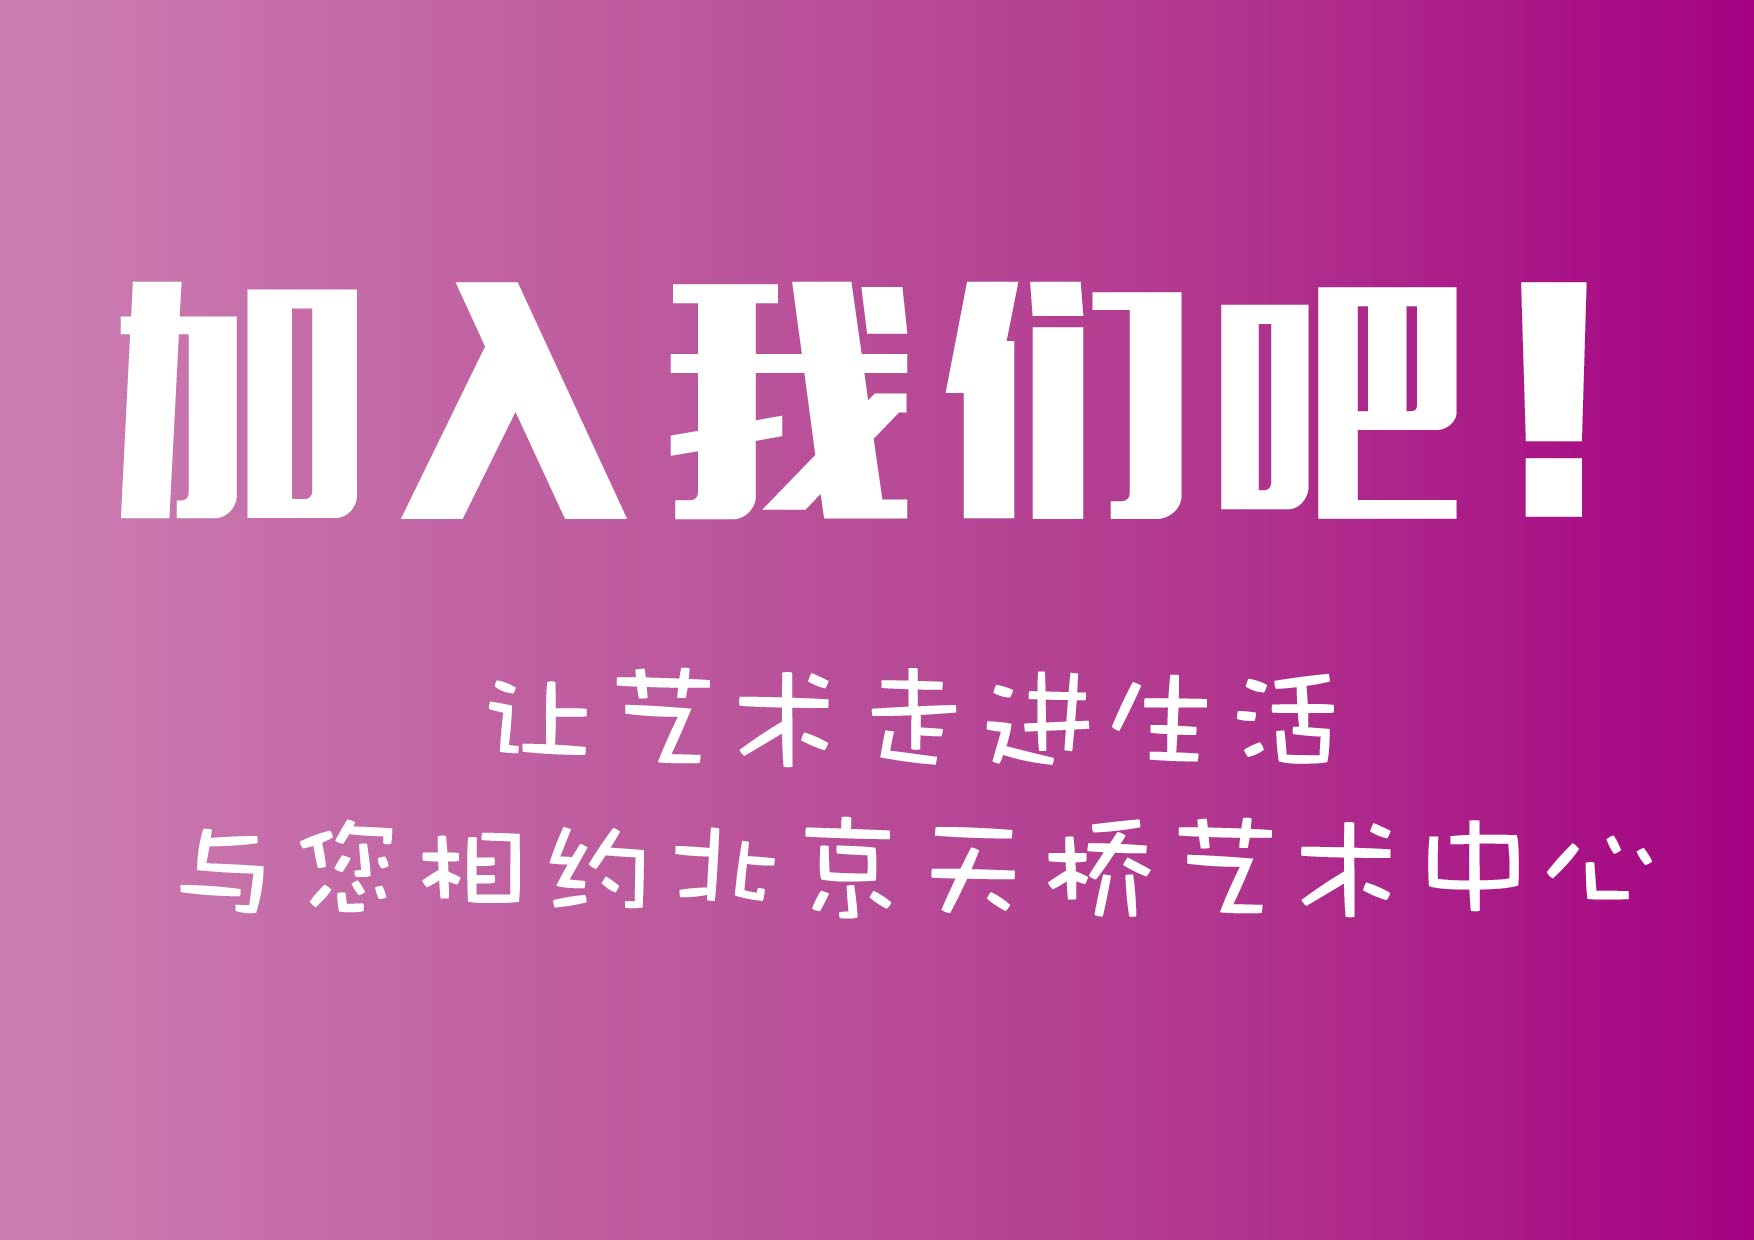 北京天桥艺术中心会员俱乐部欢迎您的加入